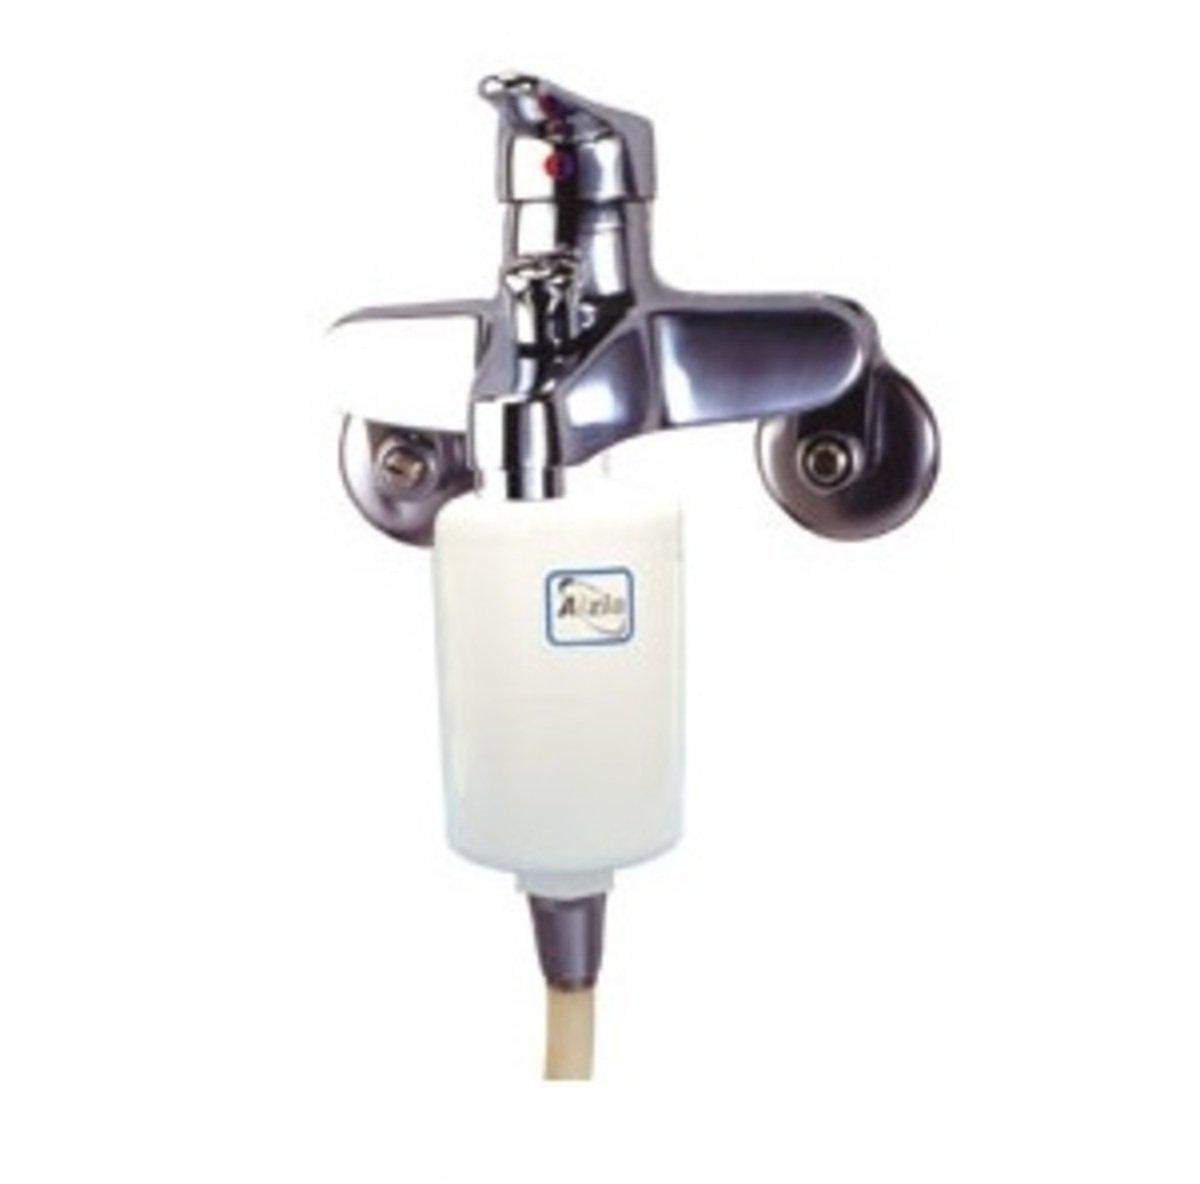 浴室除氯設備 前置沐浴過濾器 (只適用於浴缸式沐浴設備)